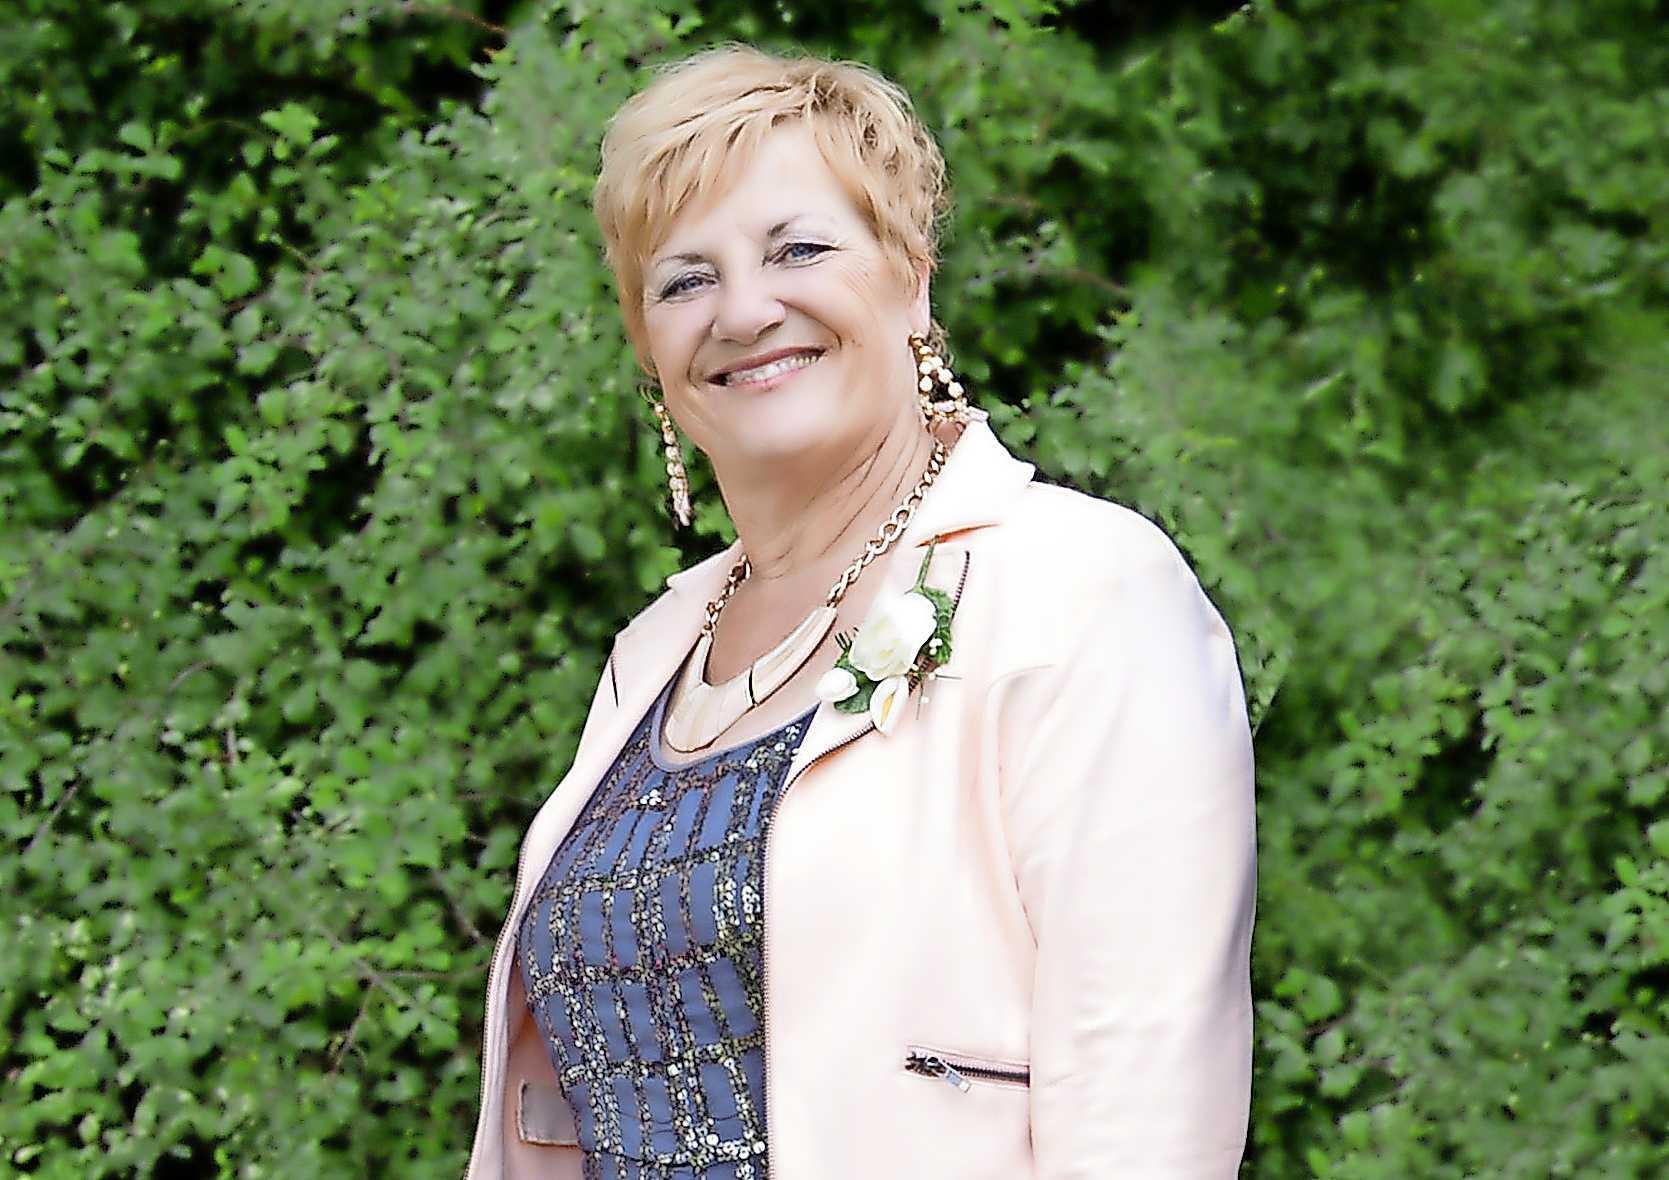 Precies een jaar na de aanrijding op de N245 die aan Carina Stoop-Vonk (67) uit Warmenhuizen het leven kostte, dreunen het ongeluk en de nasleep nog altijd na bij haar familie